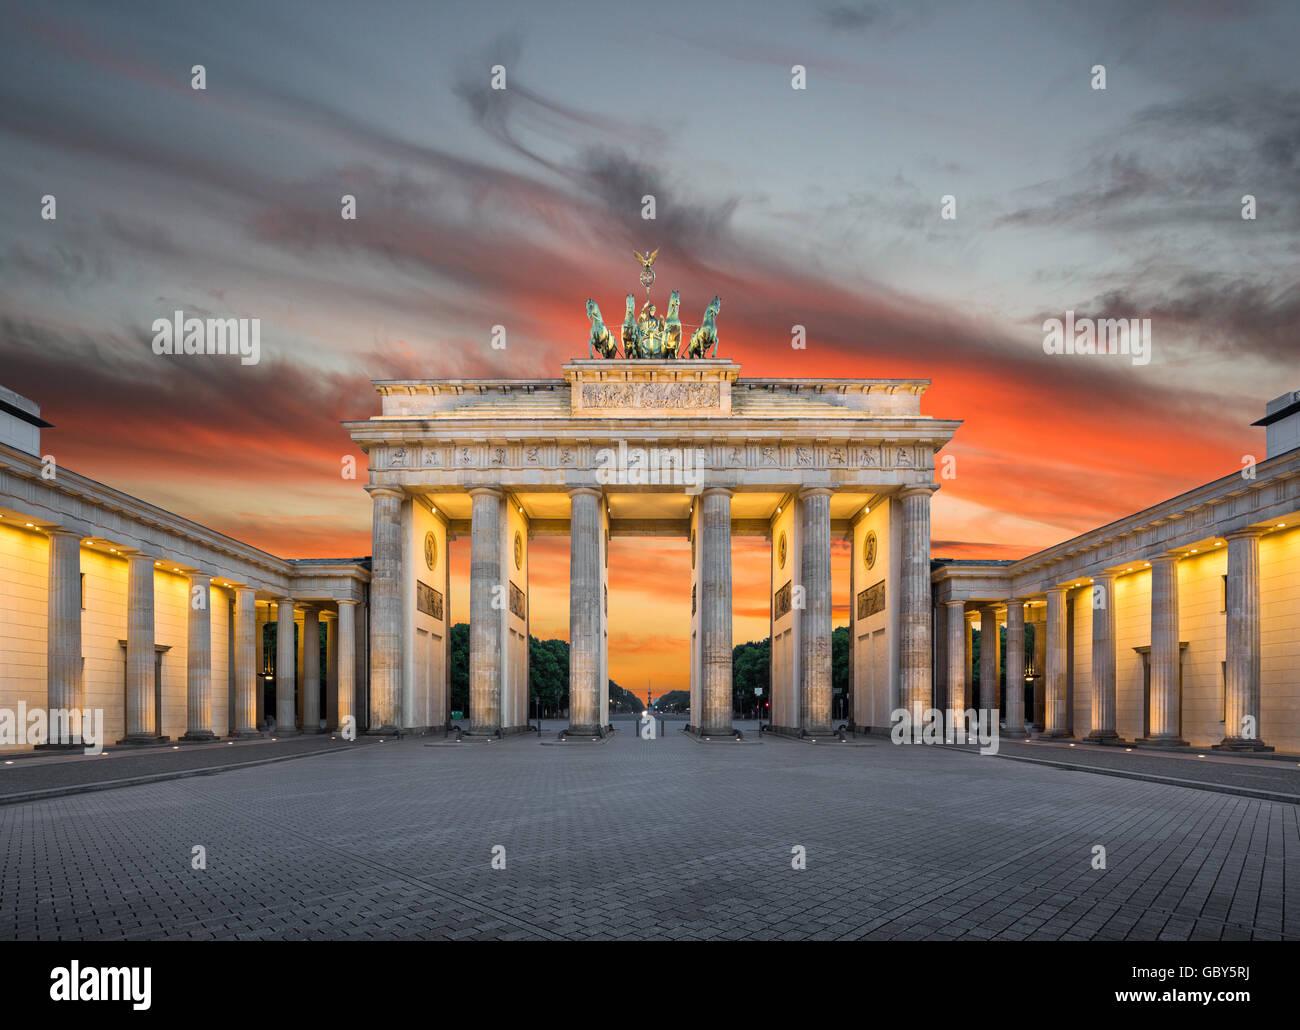 Klassische Ansicht des Brandenburger Tor im Zwielicht, Berlin, Deutschland Stockbild